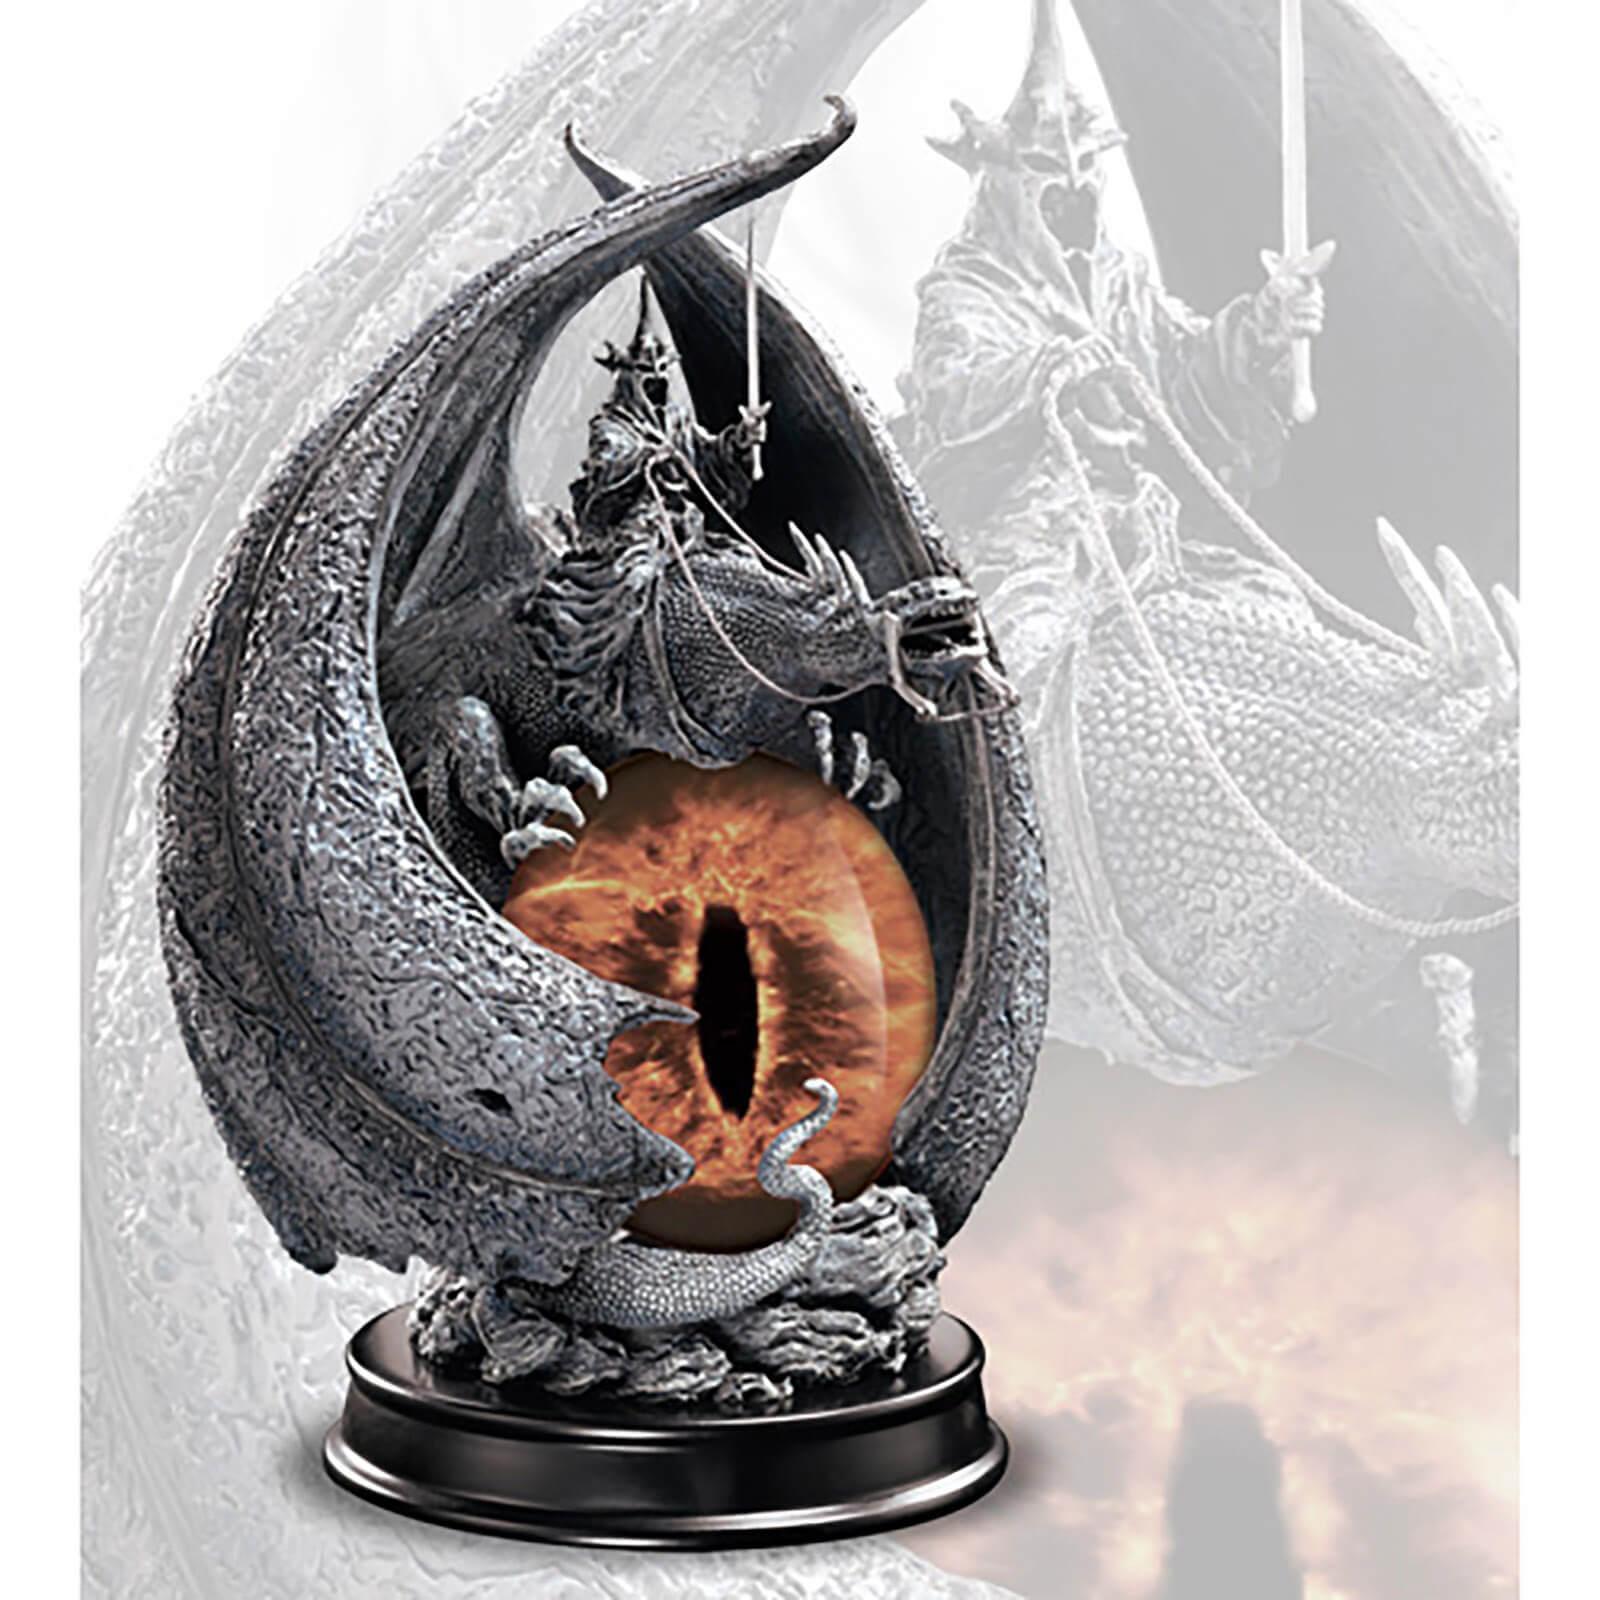 Le seigneur des anneaux statuette fury of the witch king 20 cm 1